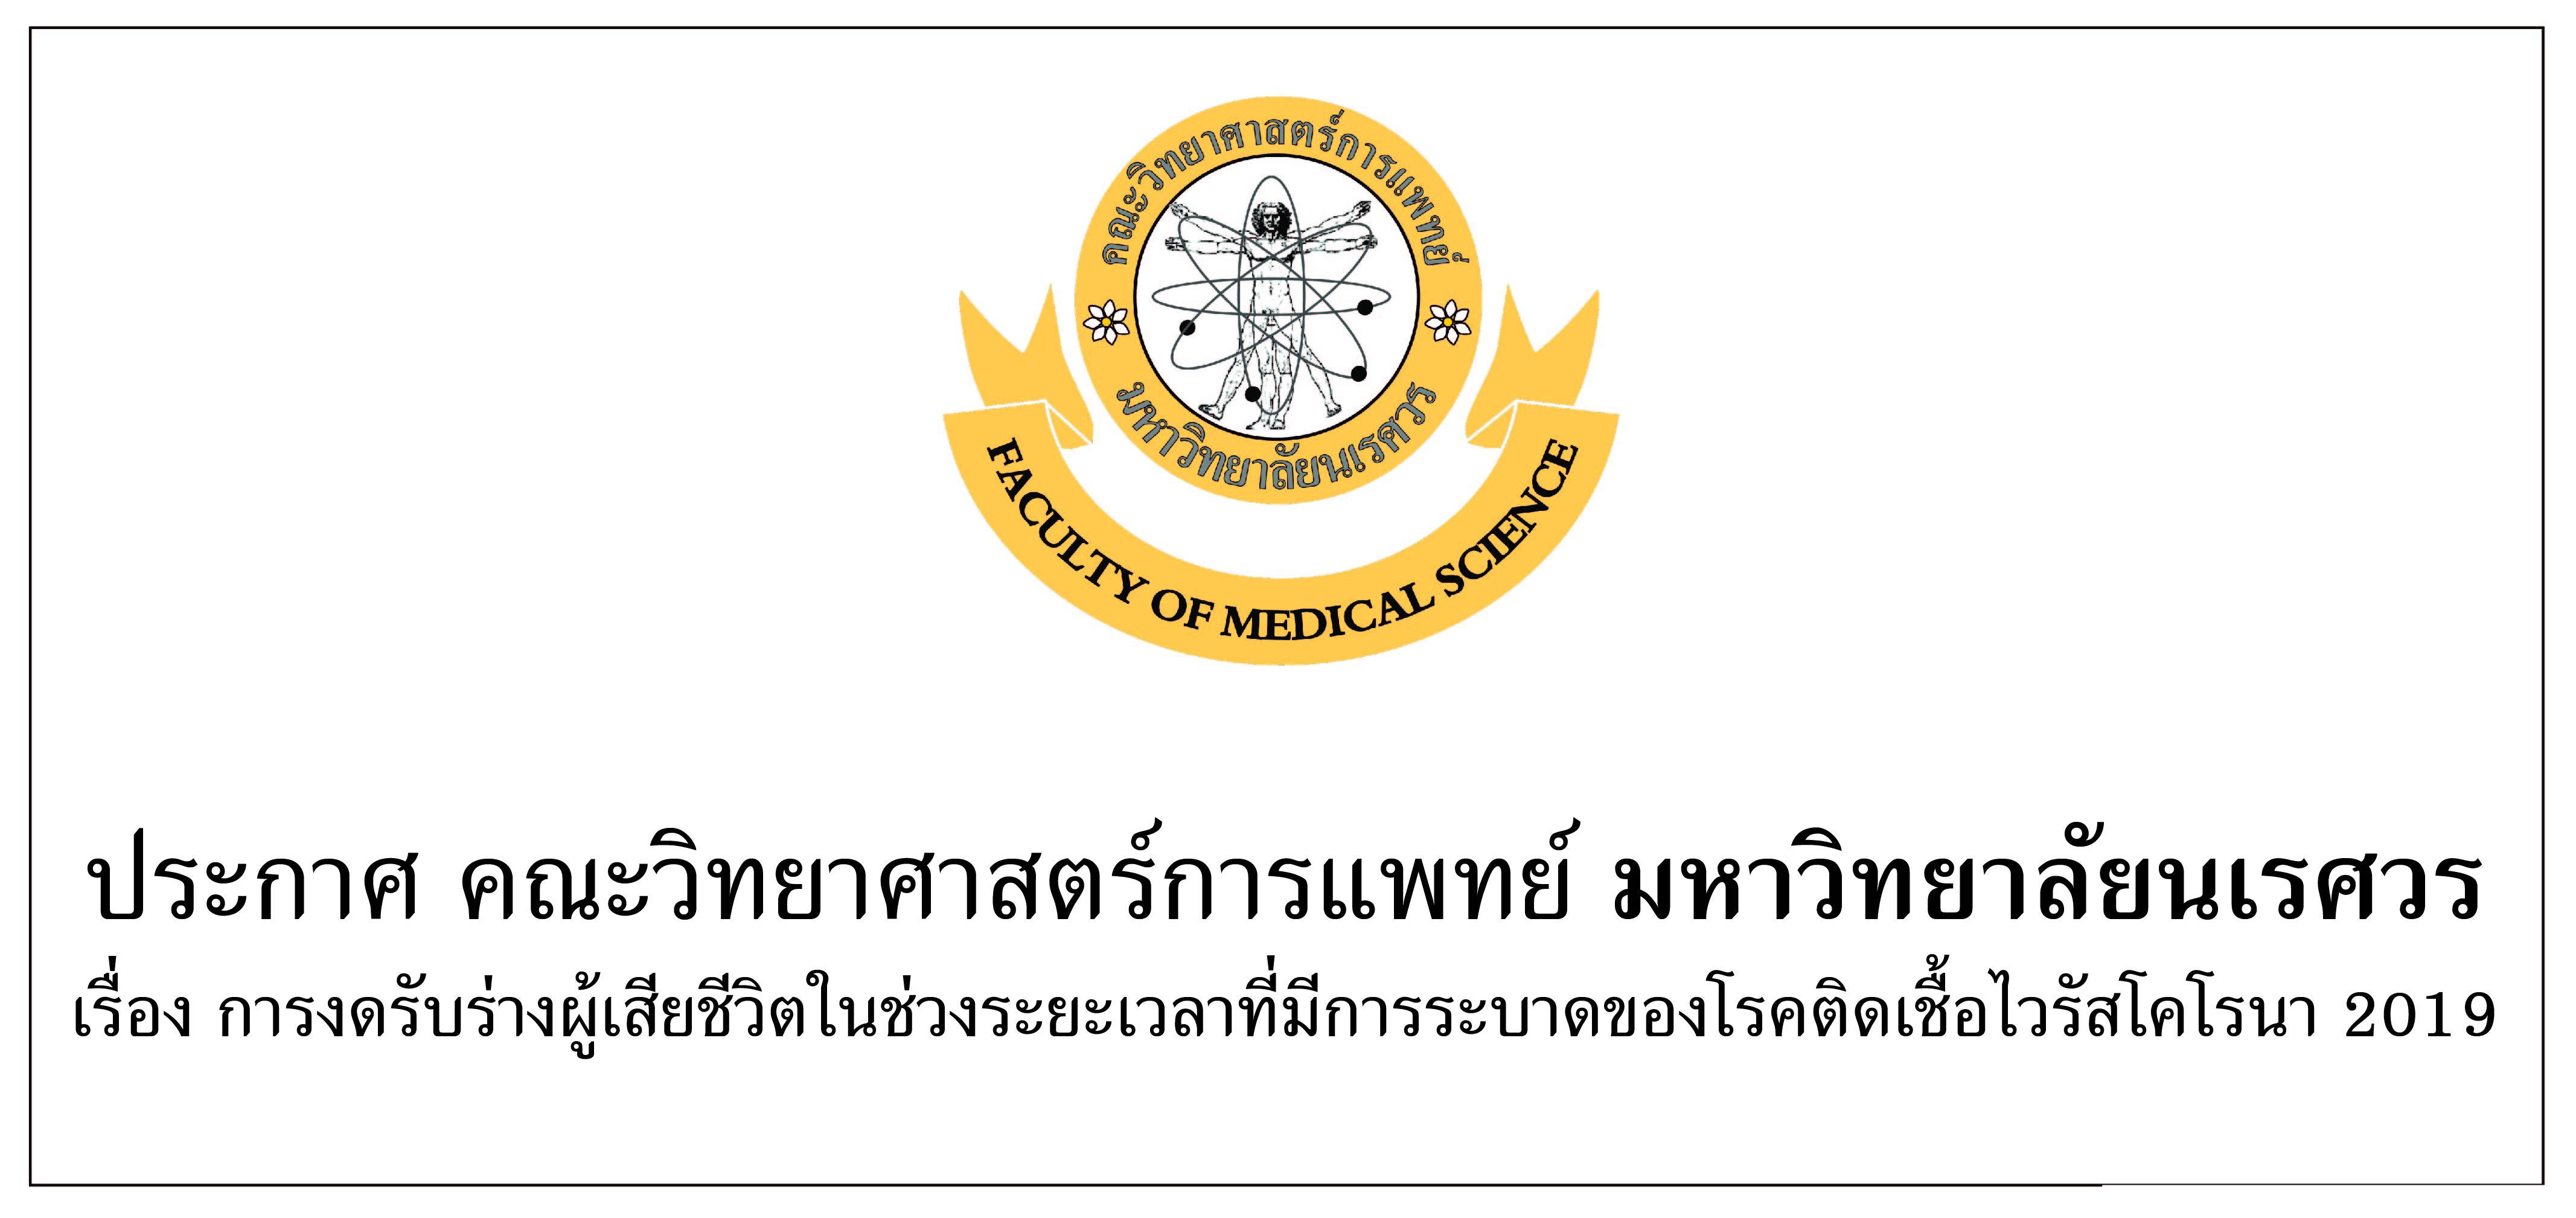 ประกาศ คณะวิทยาศาสตร์การแพทย์ เรื่อง การงดรับร่างผู้เสียชีวิตในช่วงระยะเวลาที่มีการระบาดของโรคติดเชื้อไวรัสโคโรนา 2019